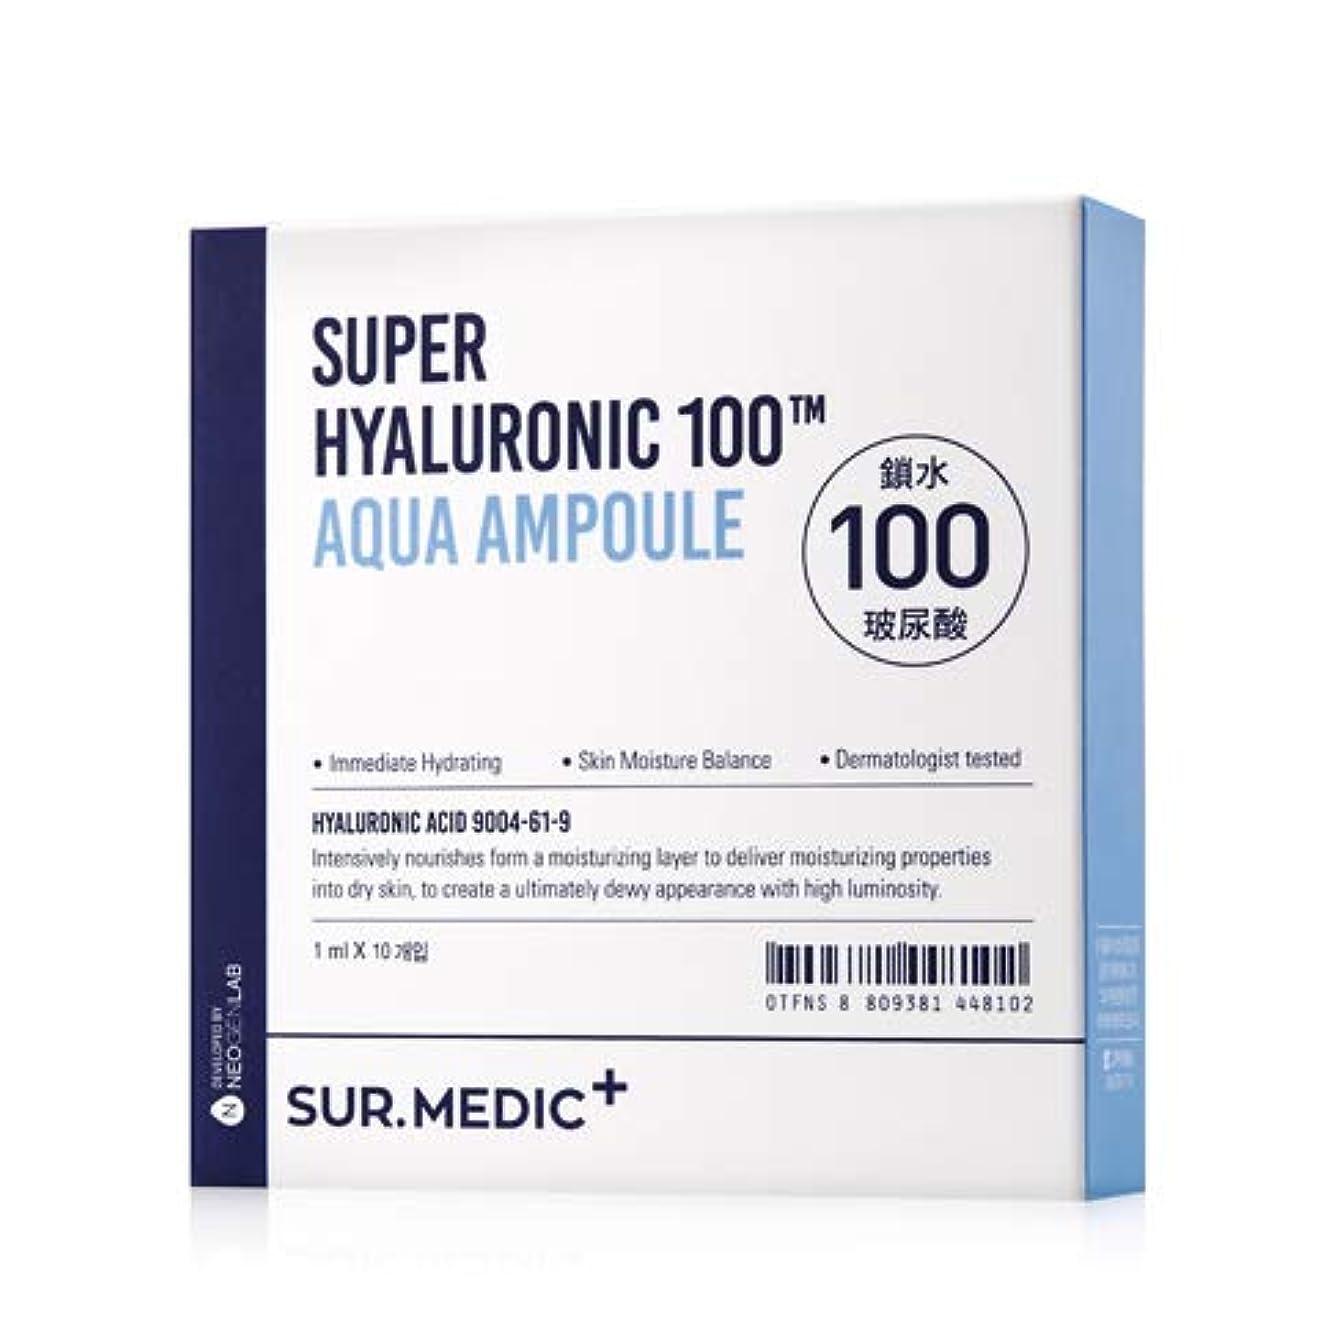 いろいろ流行ハブSUR.MEDIC スーパーヒアルロン酸100アクアアンプル1mlx10EA / Super Hyaluronic 100 Aqua Ampoule